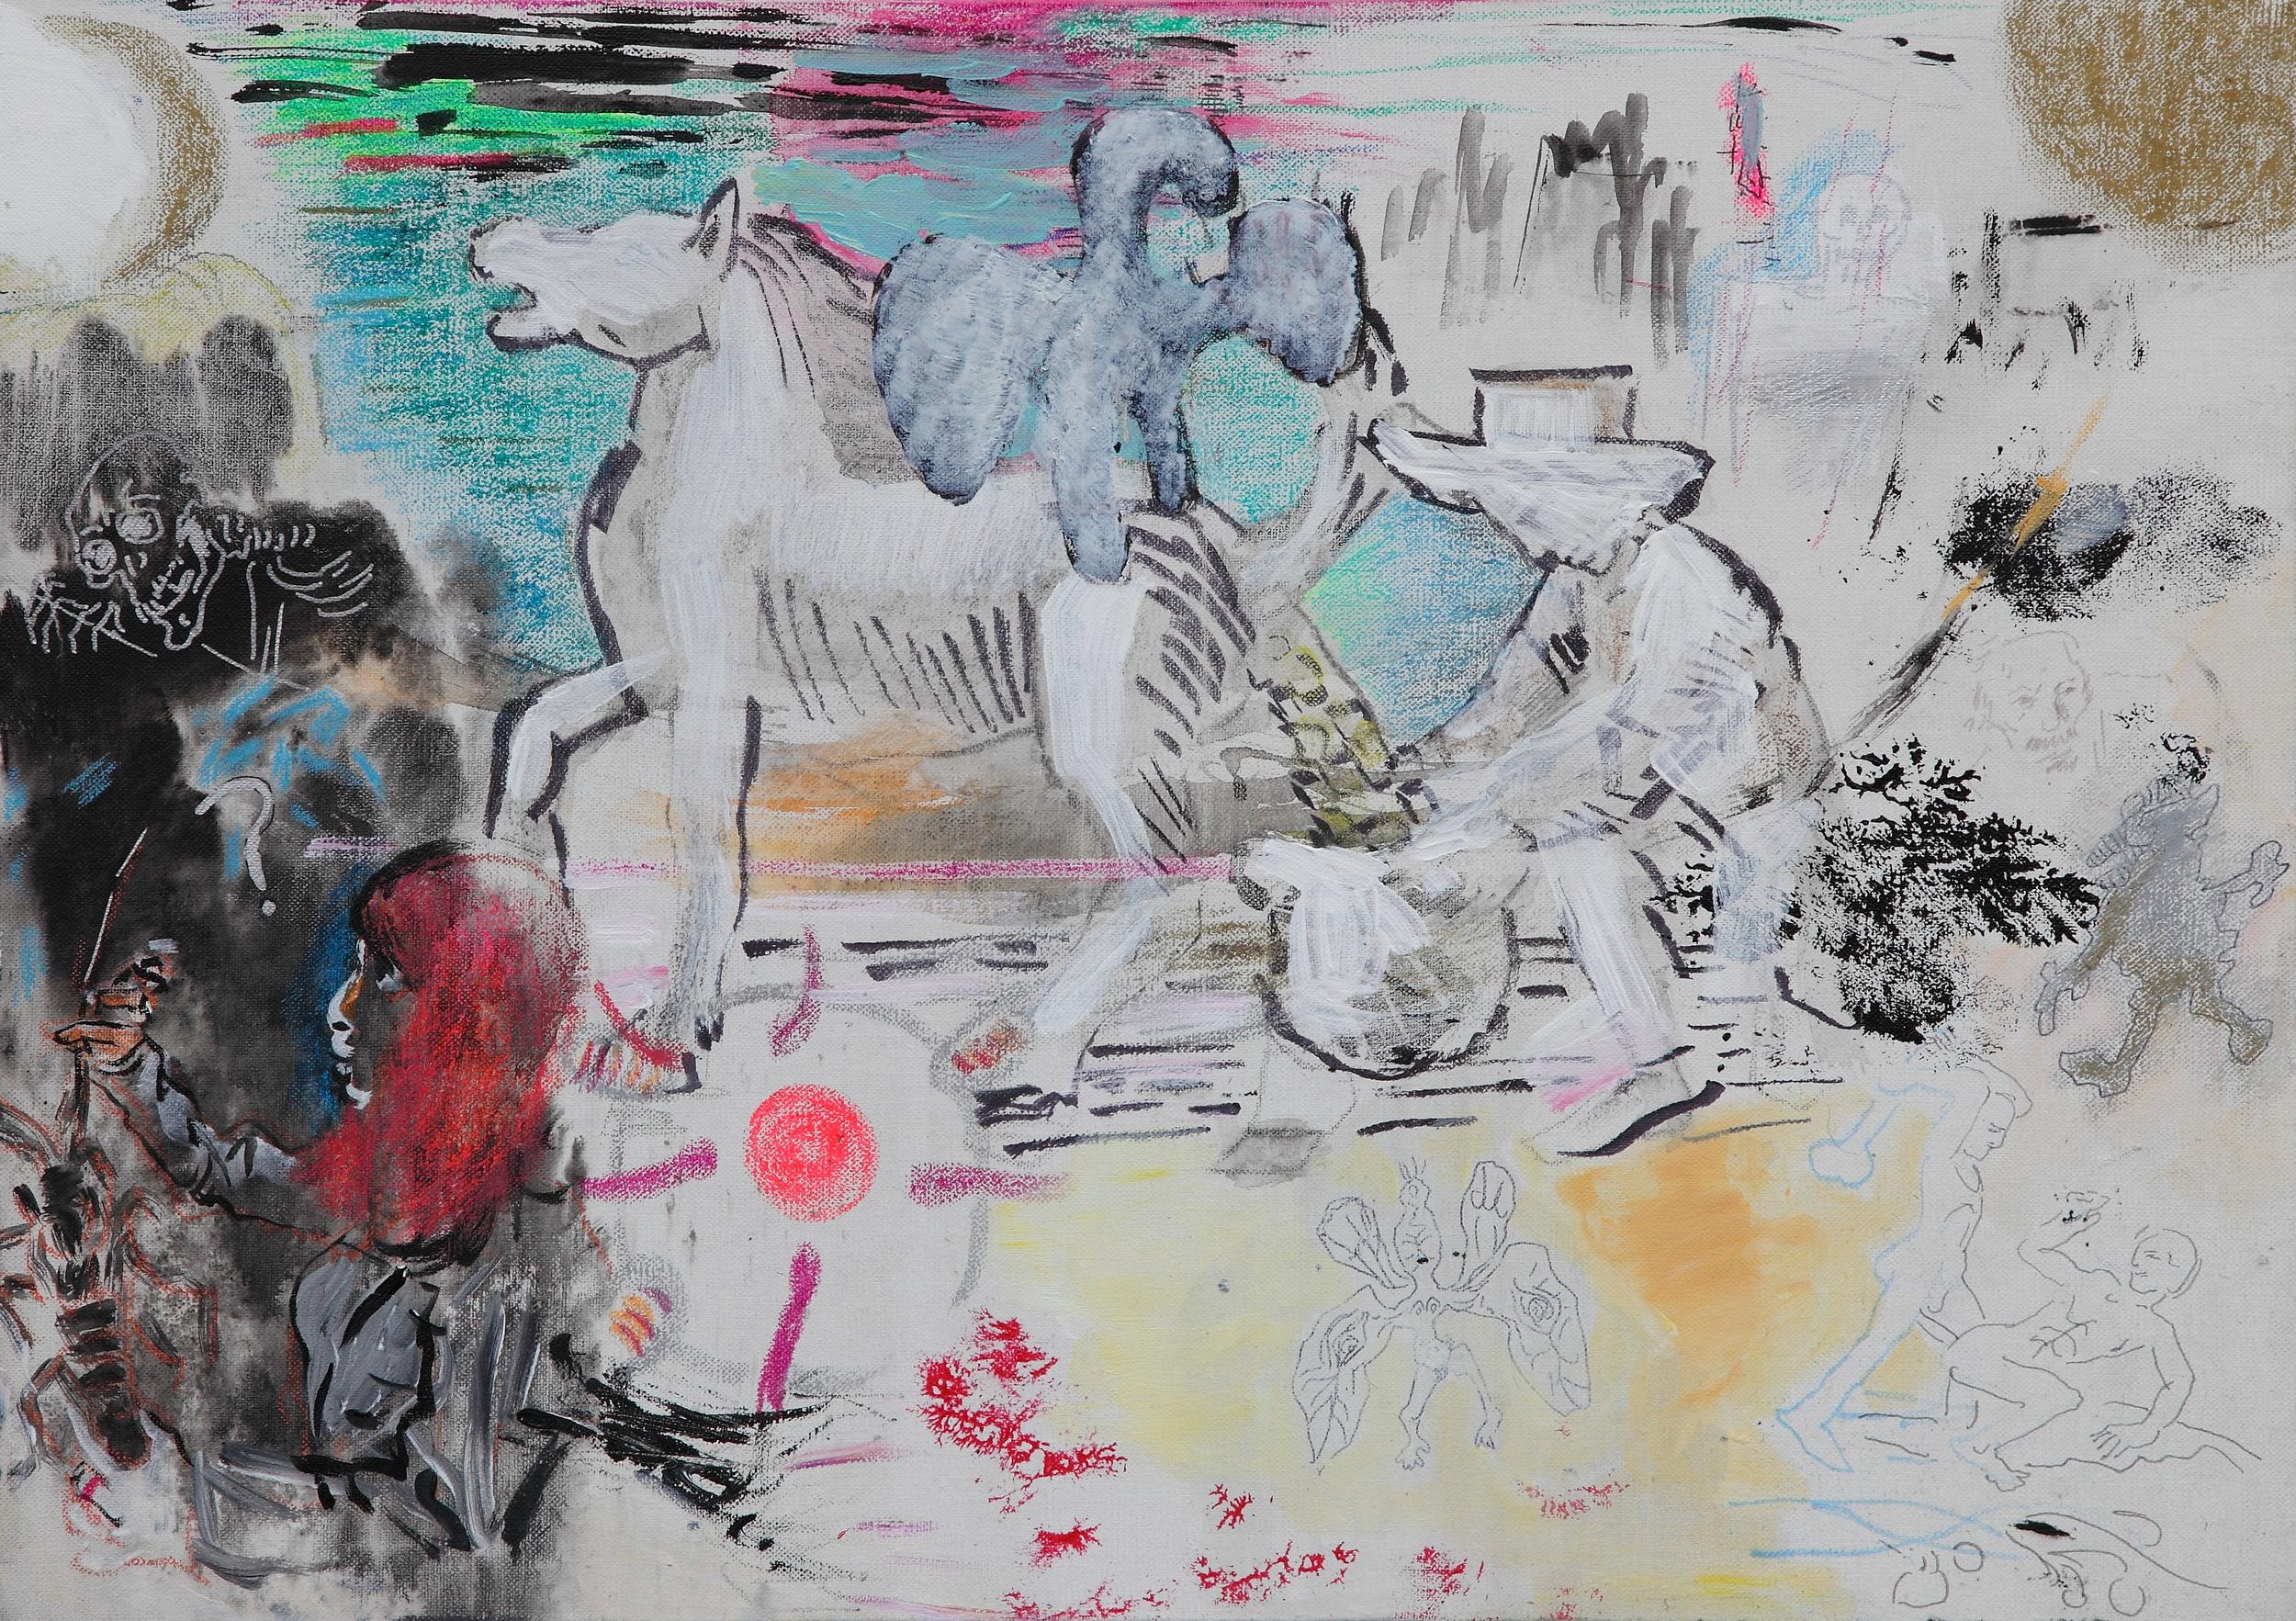 Golden Scheisse , 2015 Mixed media on canvas 50 x 70 cm